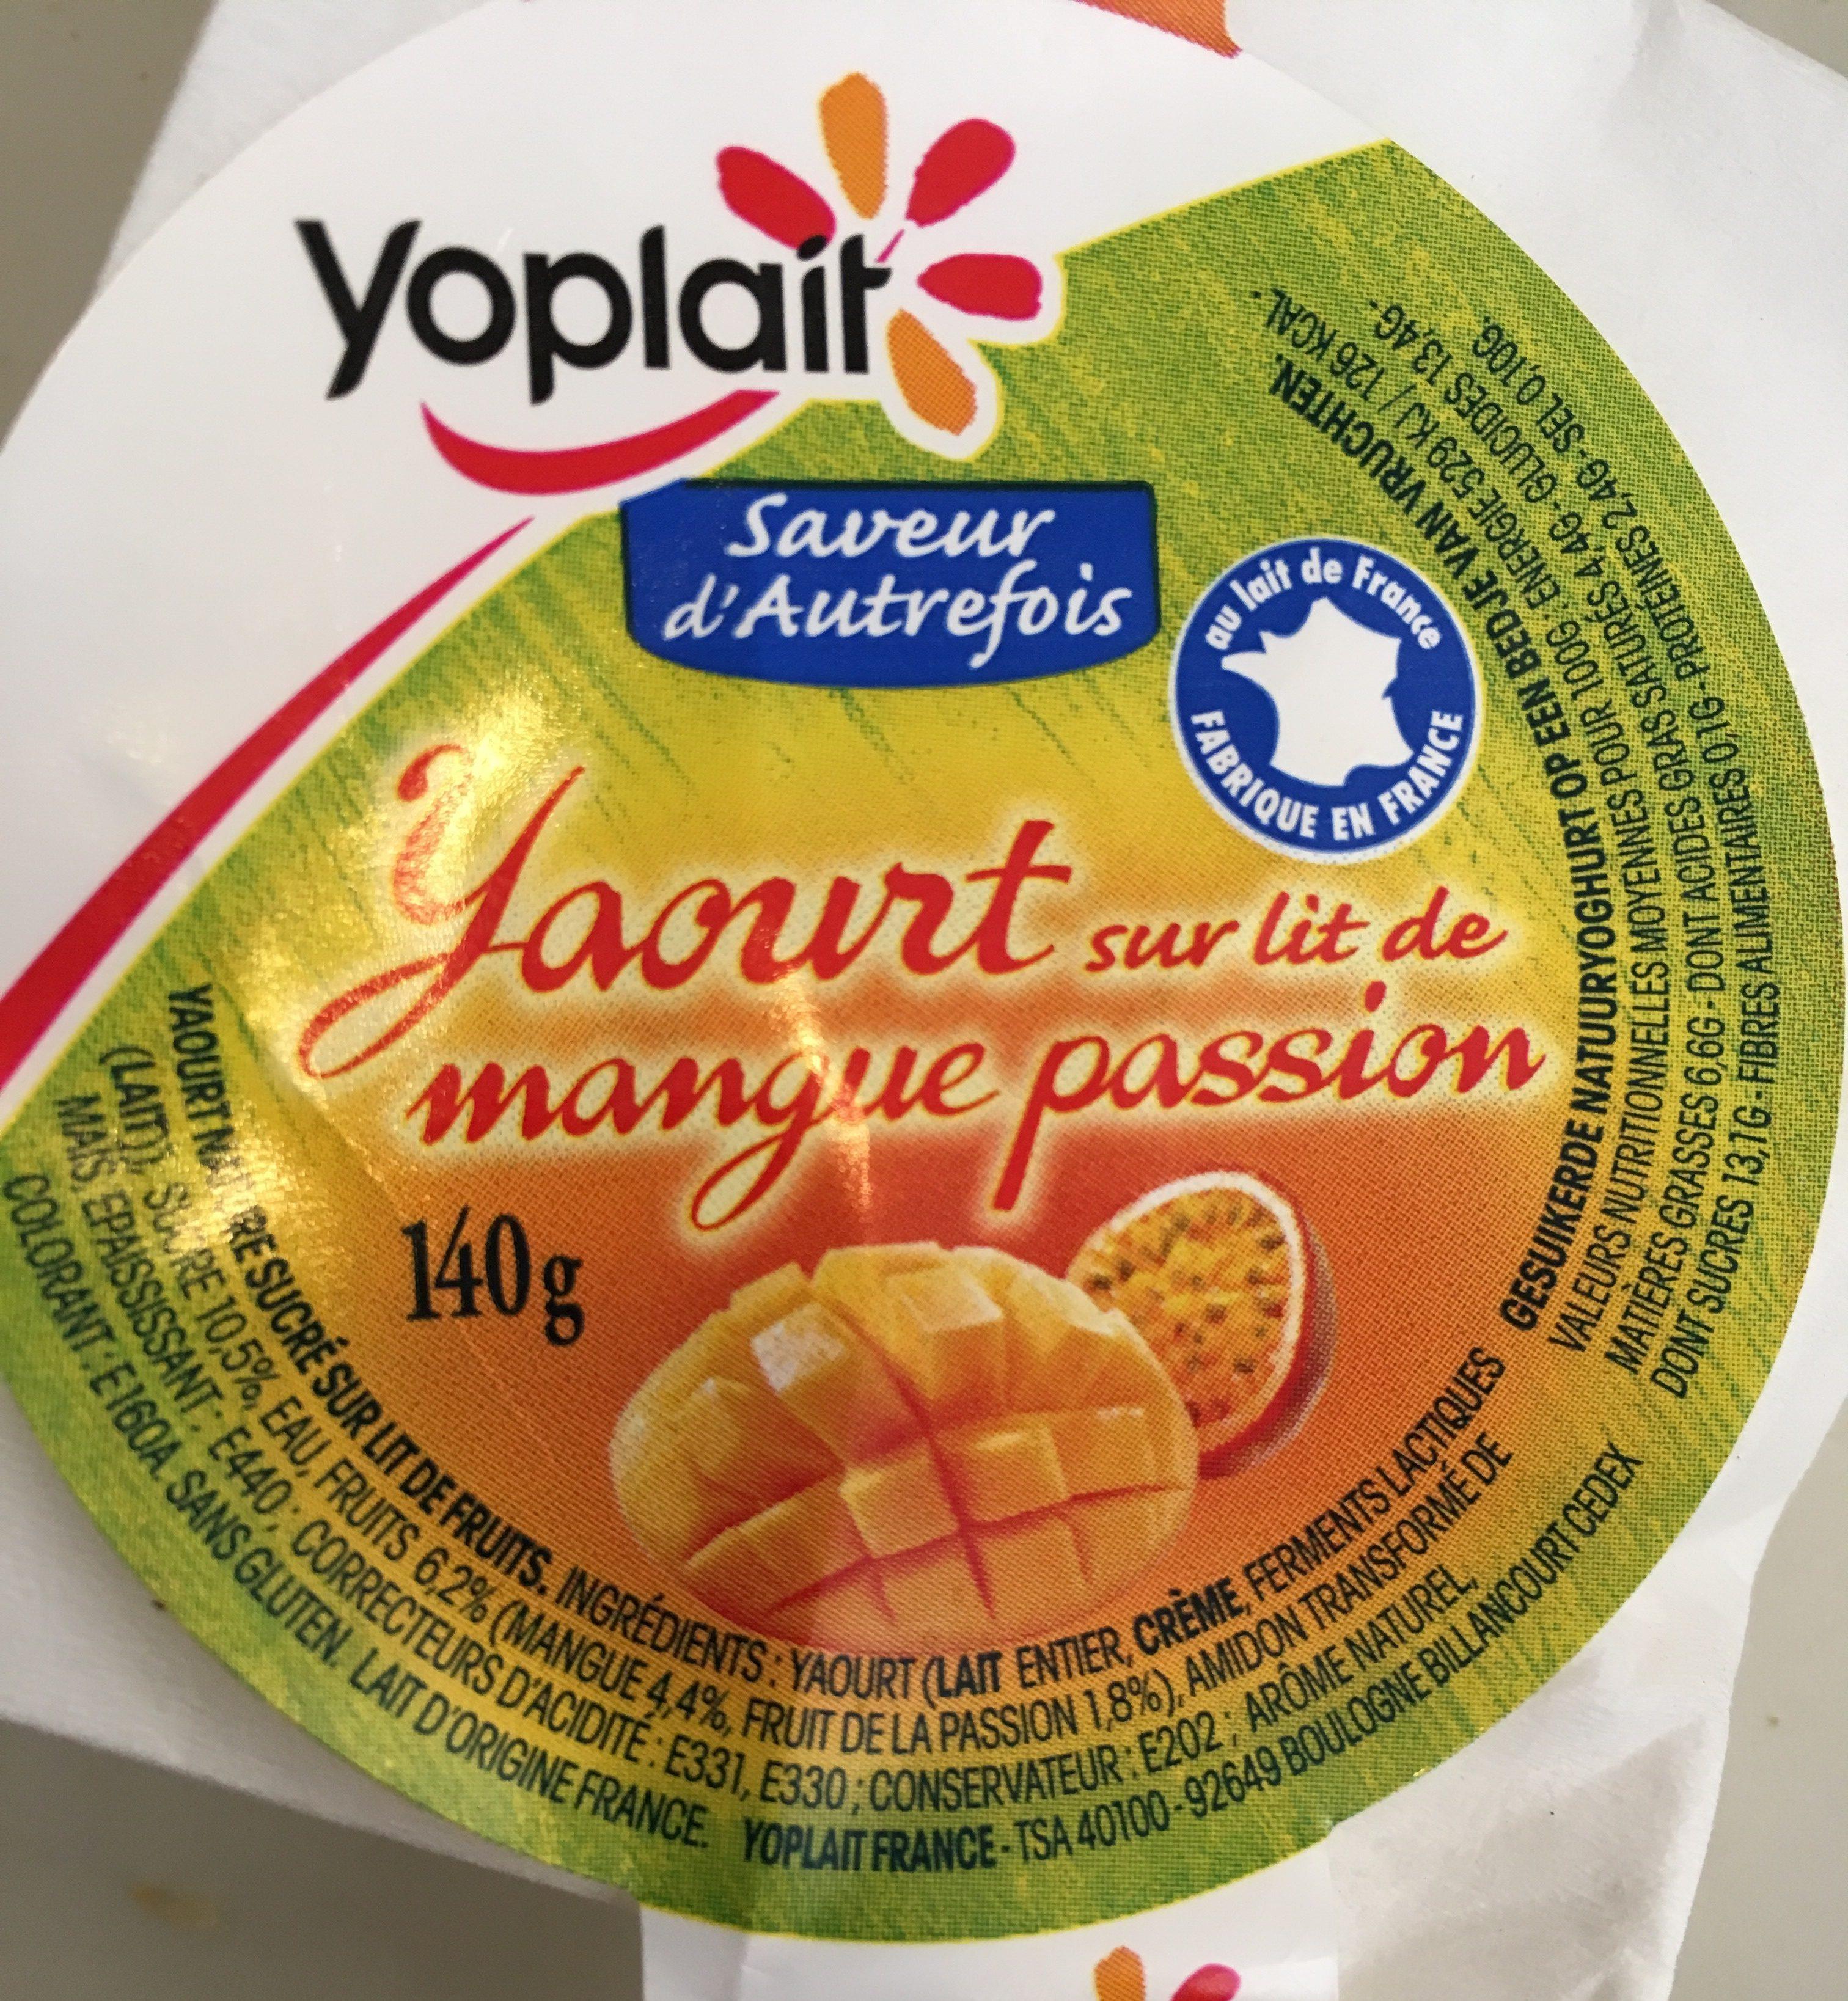 Yaourt nature sucré sur lit de fruits, aromatisé. - Produto - fr